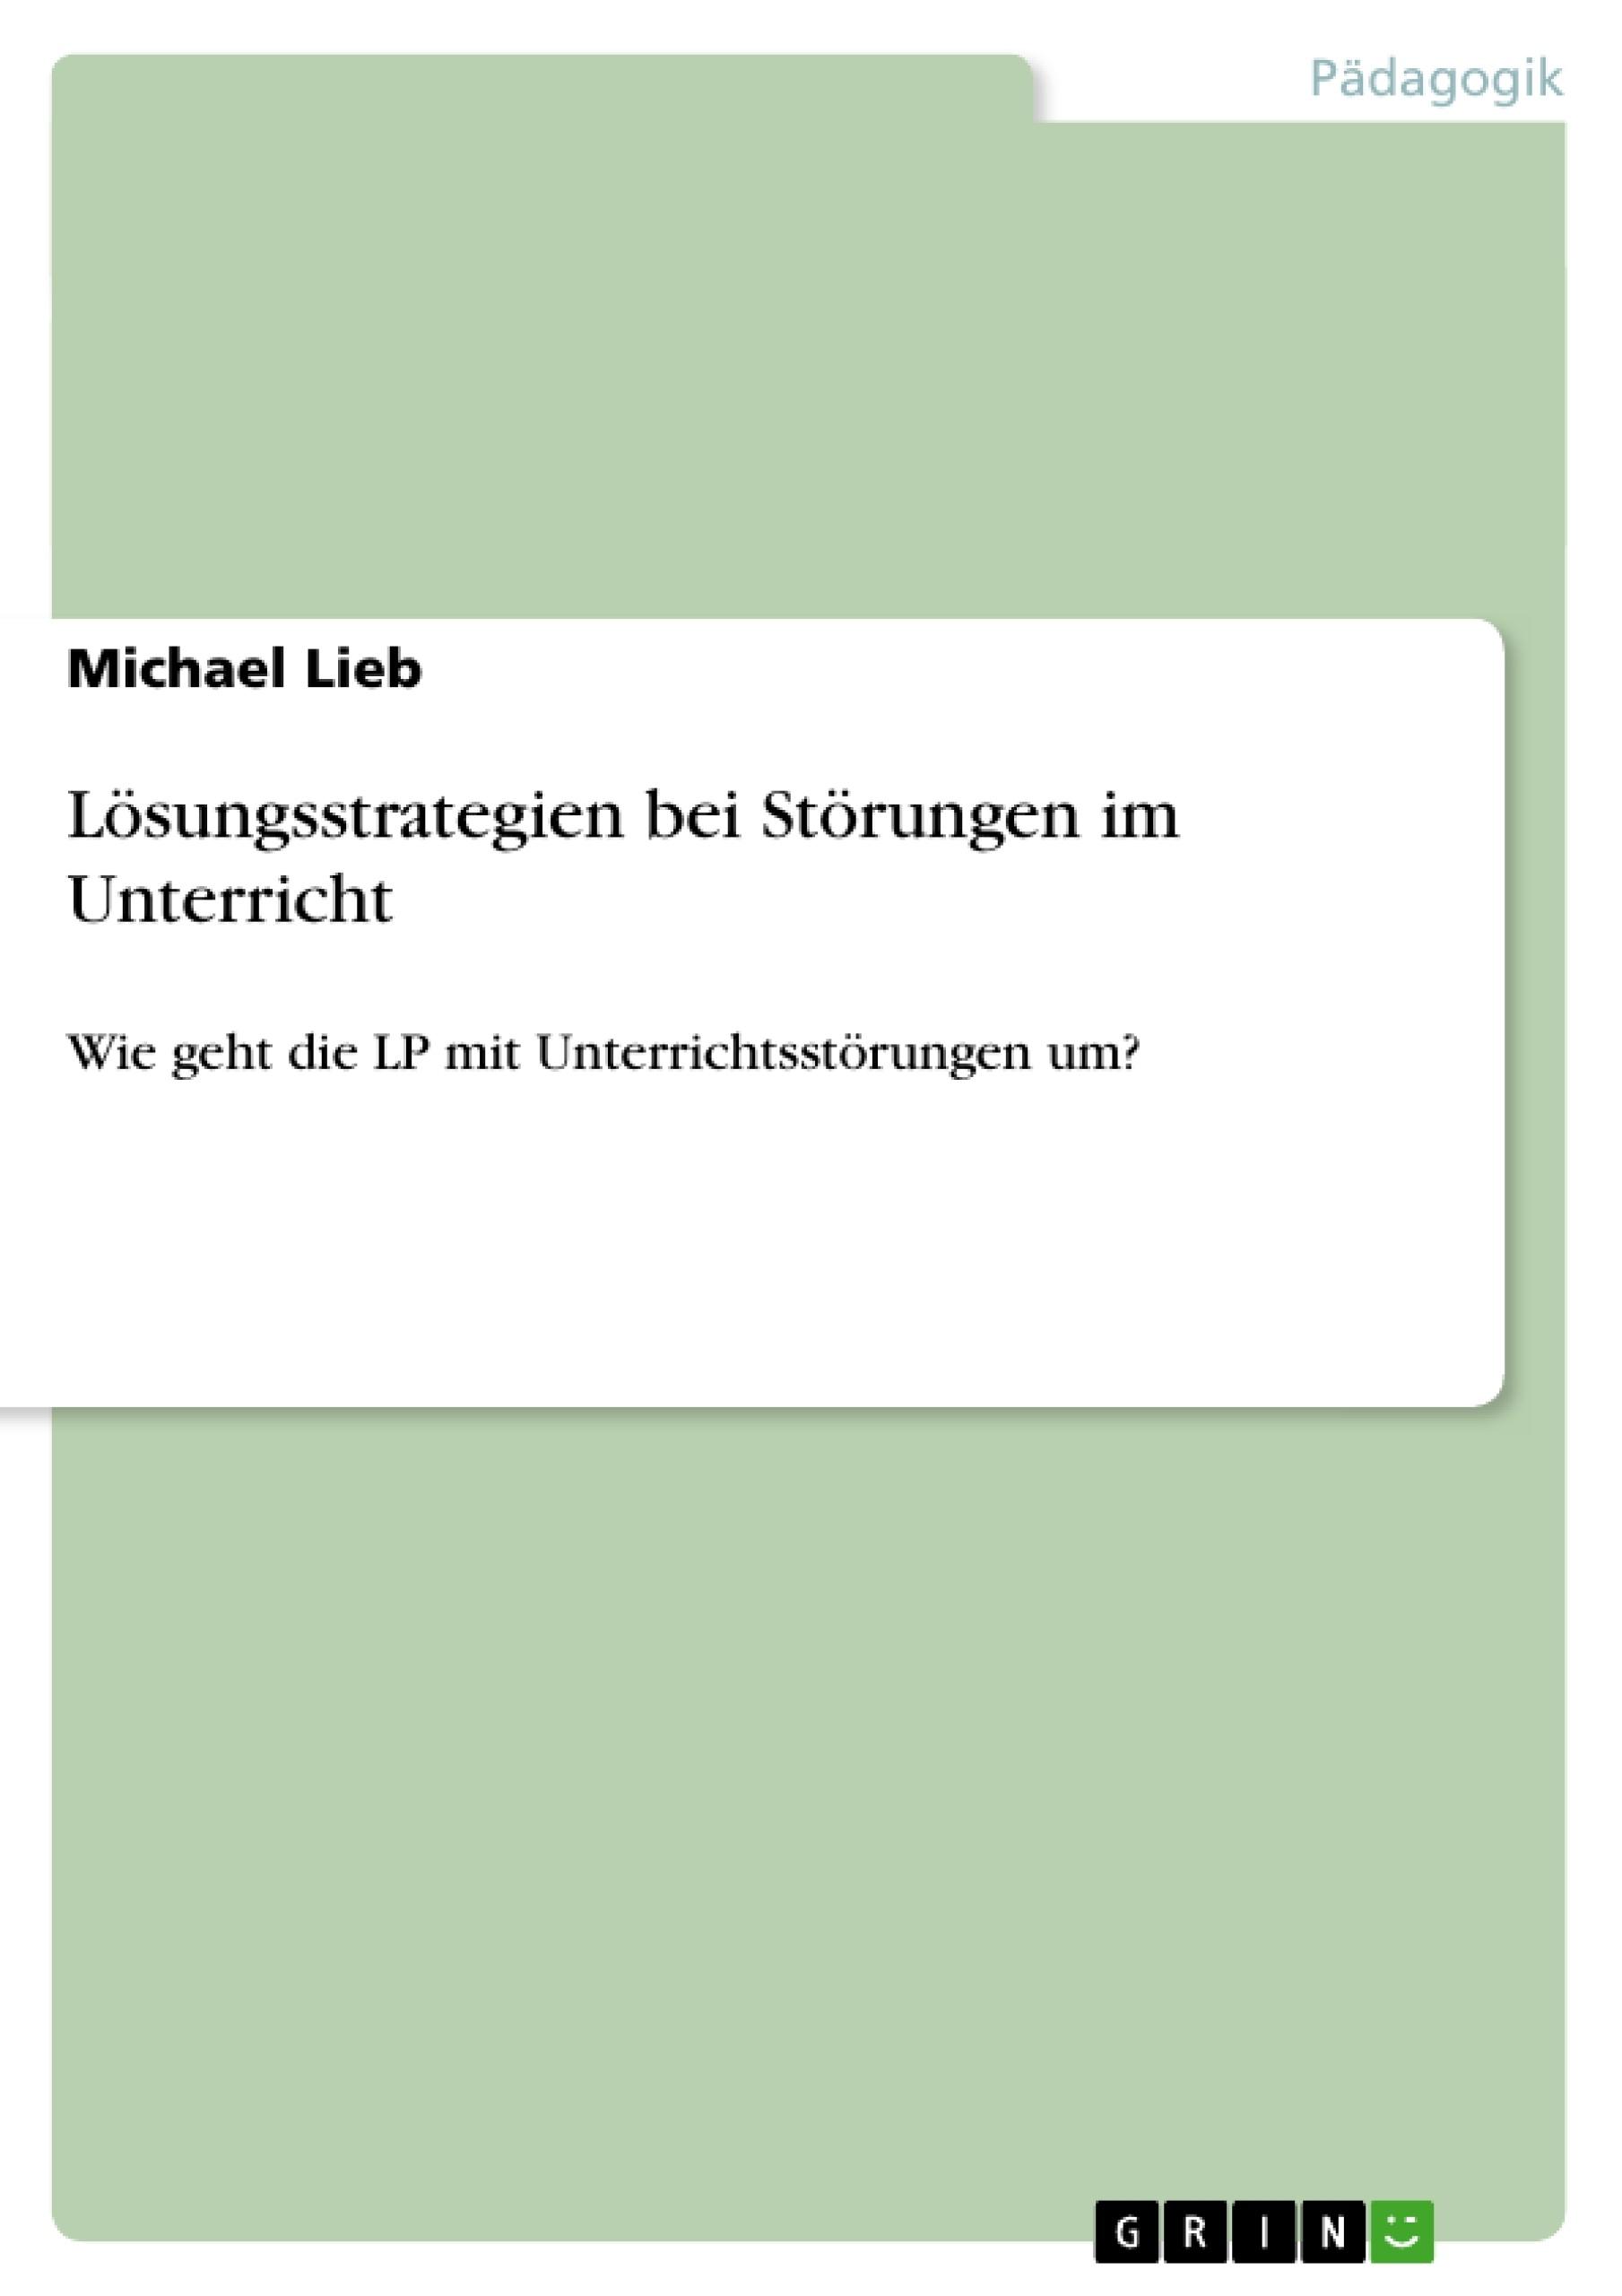 Titel: Lösungsstrategien bei Störungen im Unterricht